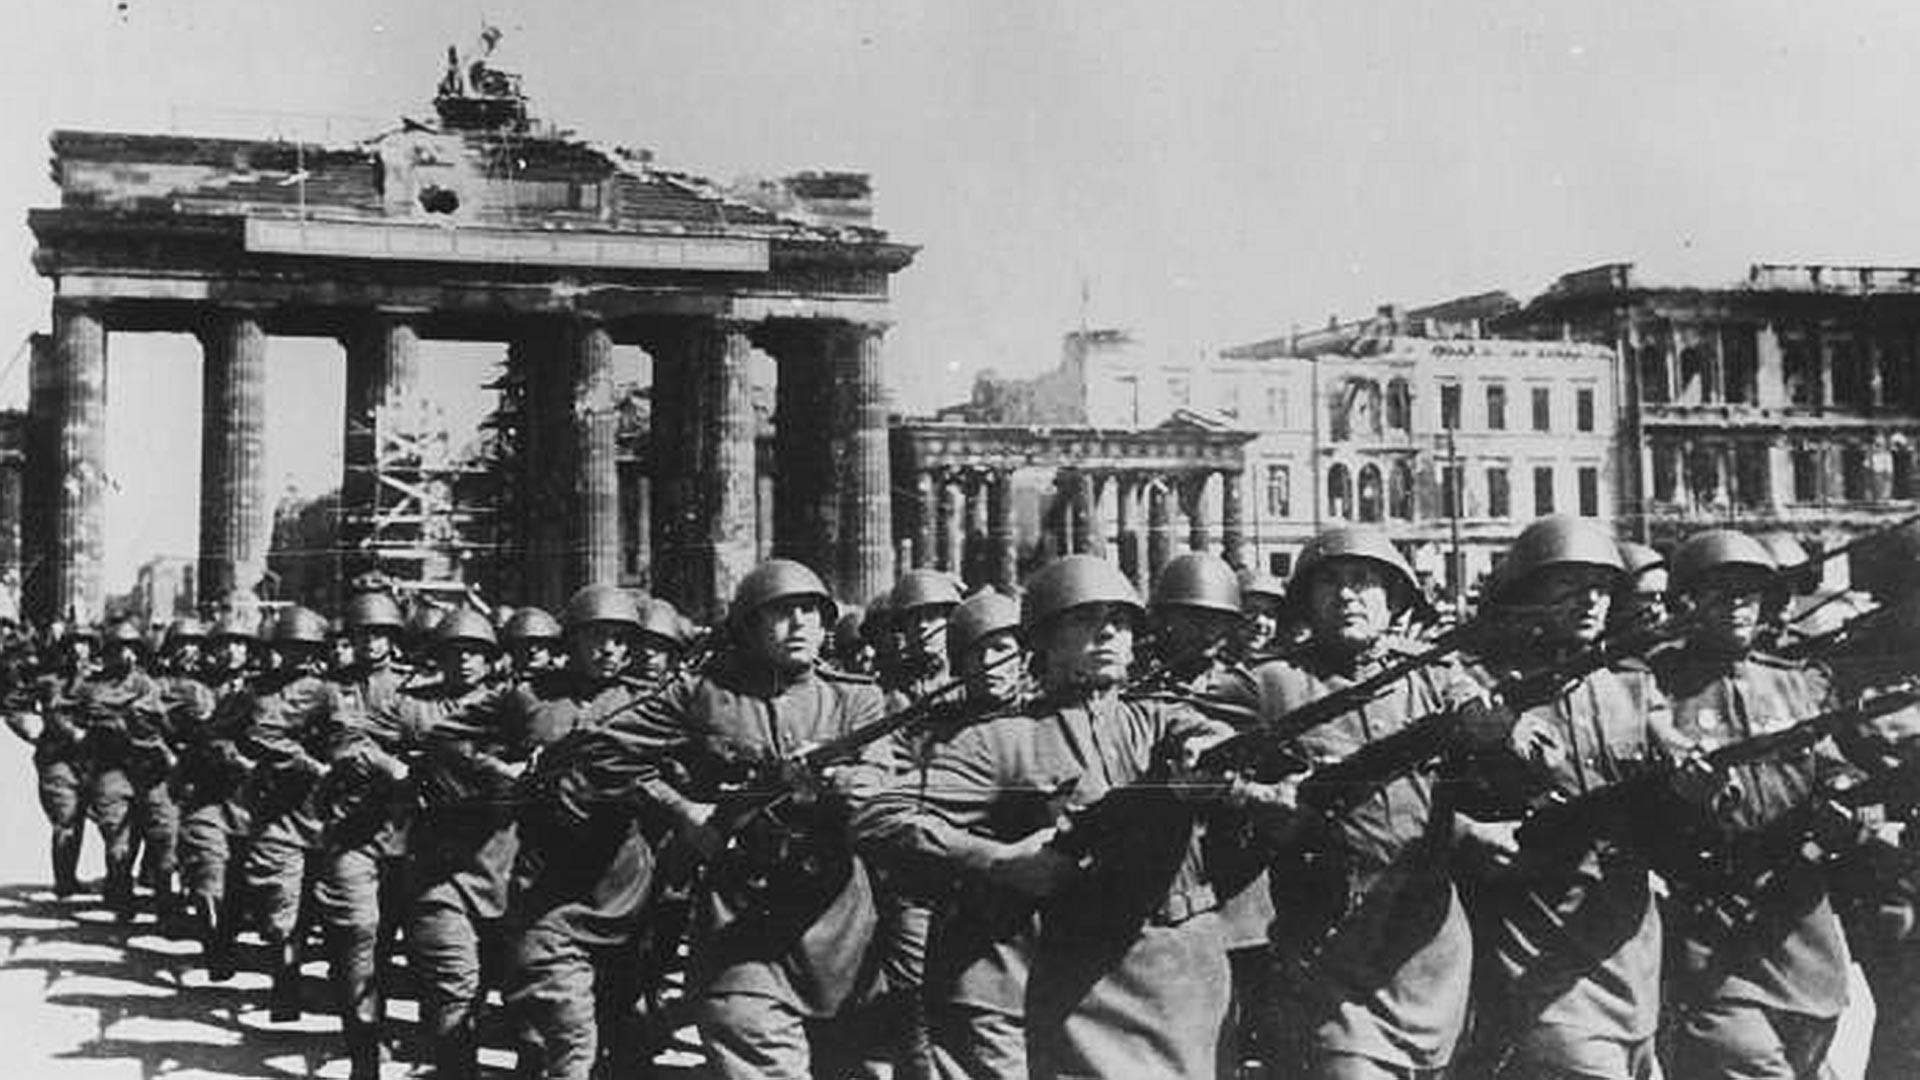 Sowjetische Truppen auf der Parade am 7. September